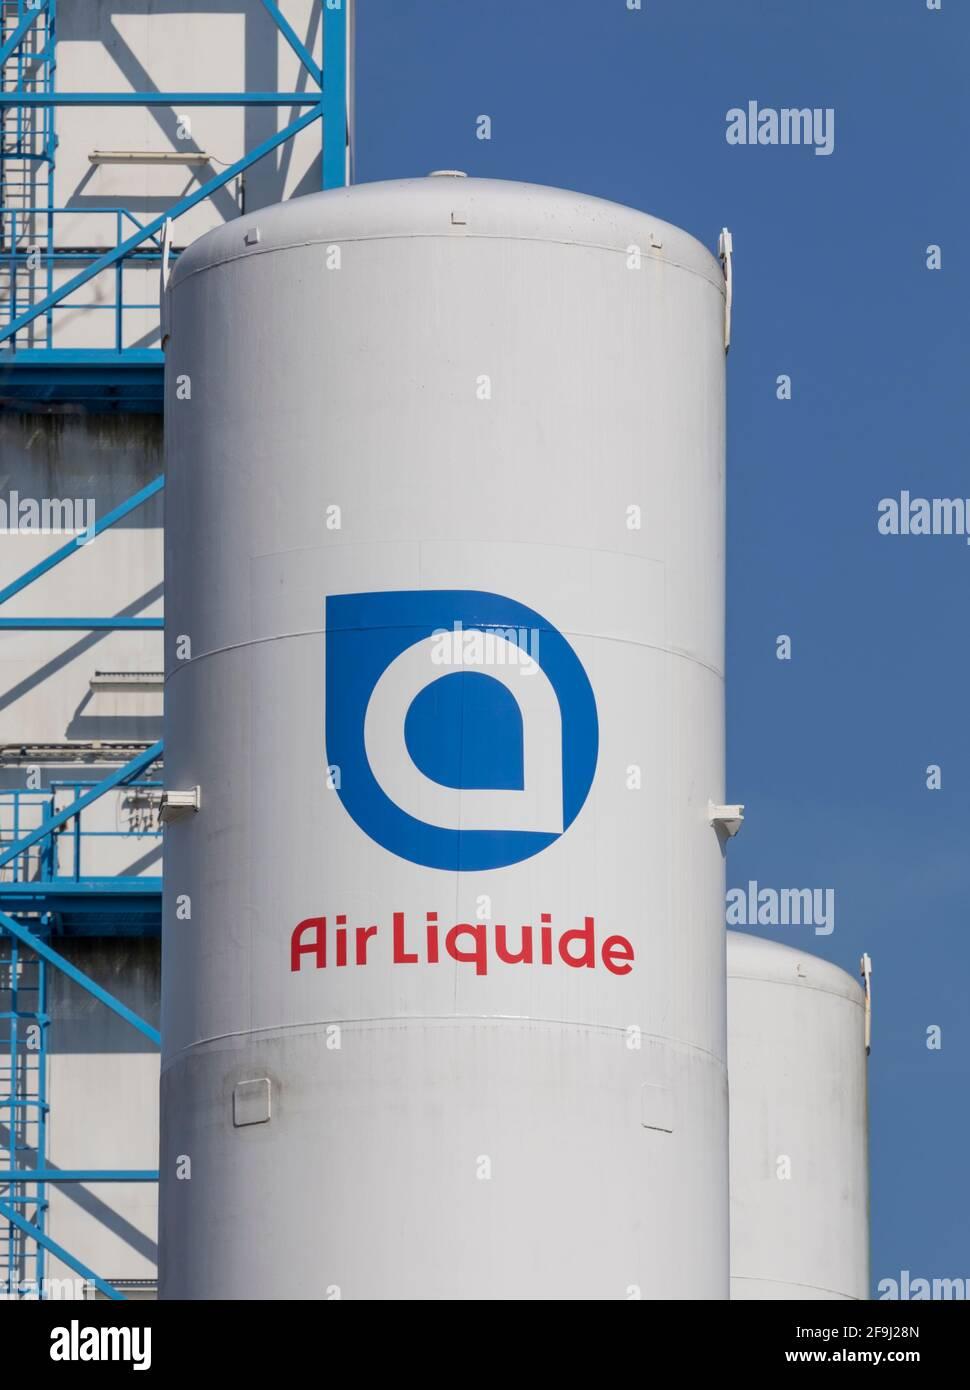 Signalisation Air liquide peinte sur réservoir de gaz à l'usine allemande Banque D'Images